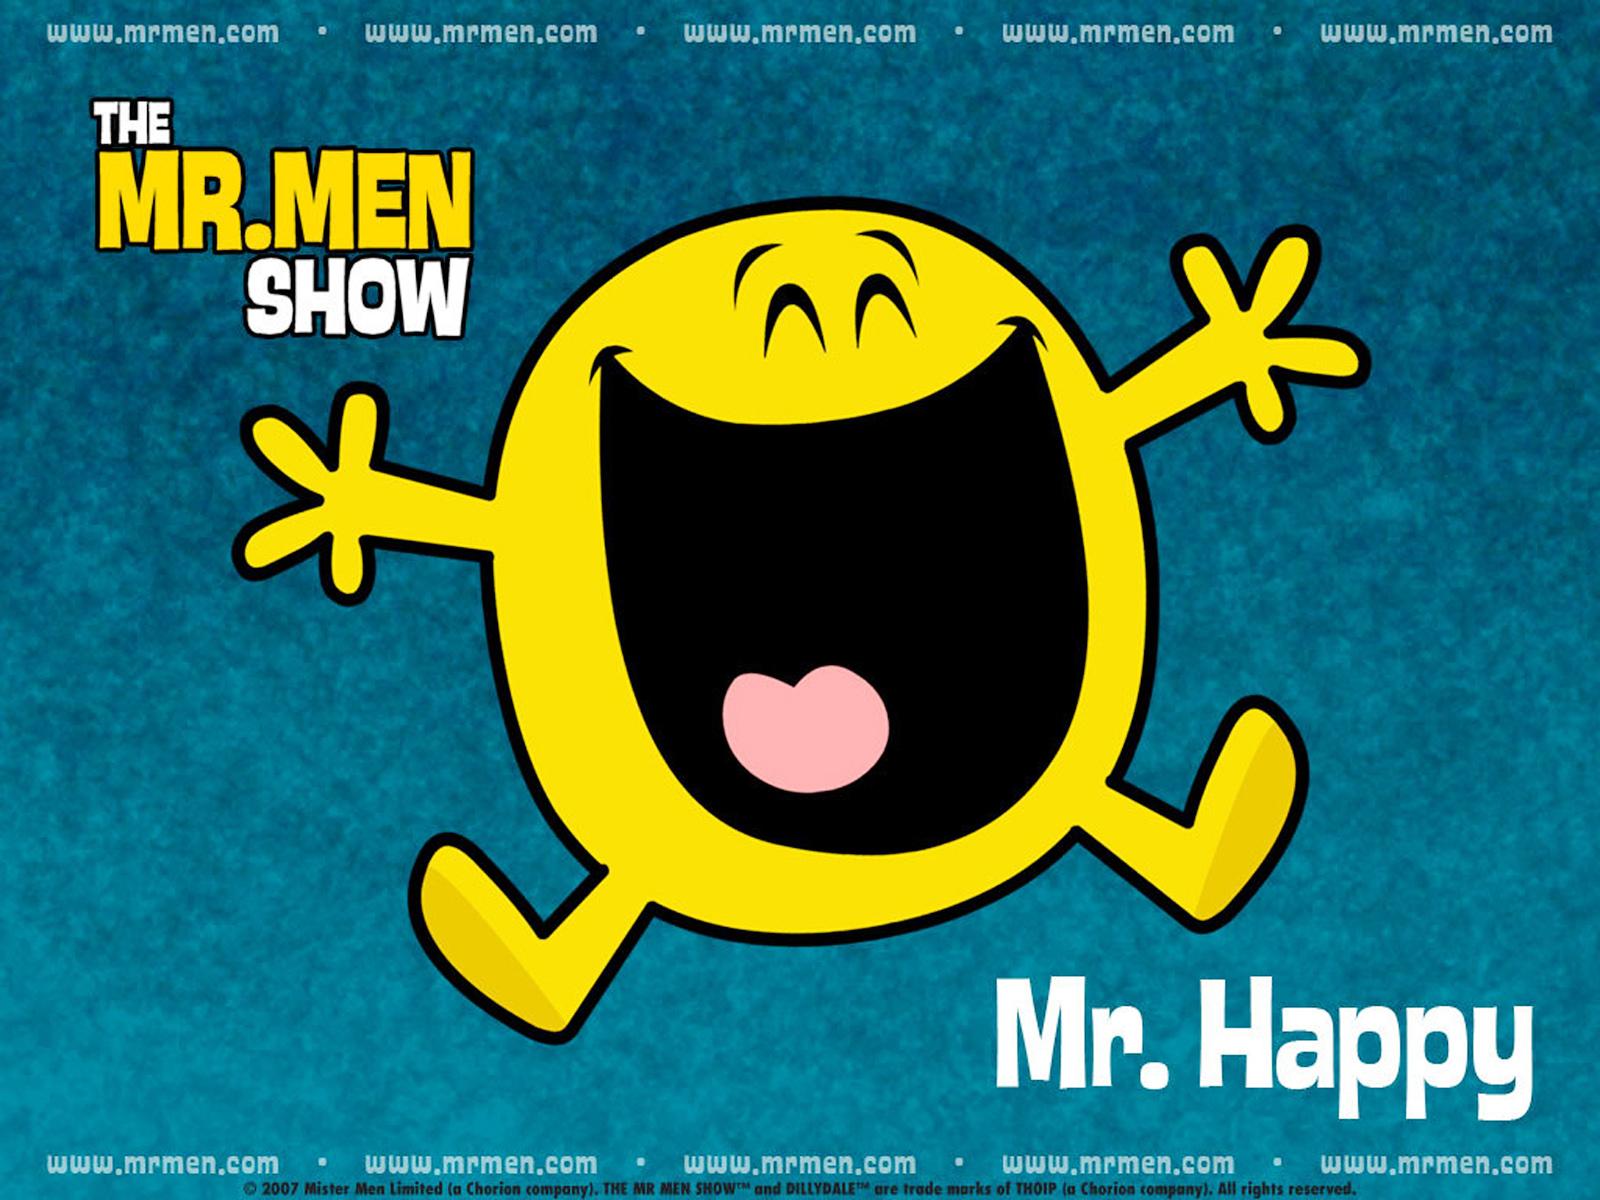 http://4.bp.blogspot.com/-akg3BLr7eMk/TpQzx963bfI/AAAAAAAADZk/crlDk66g1cQ/s1600/Mr_Men_Show_Wallpaperr_Vvallpaper.Net.jpg